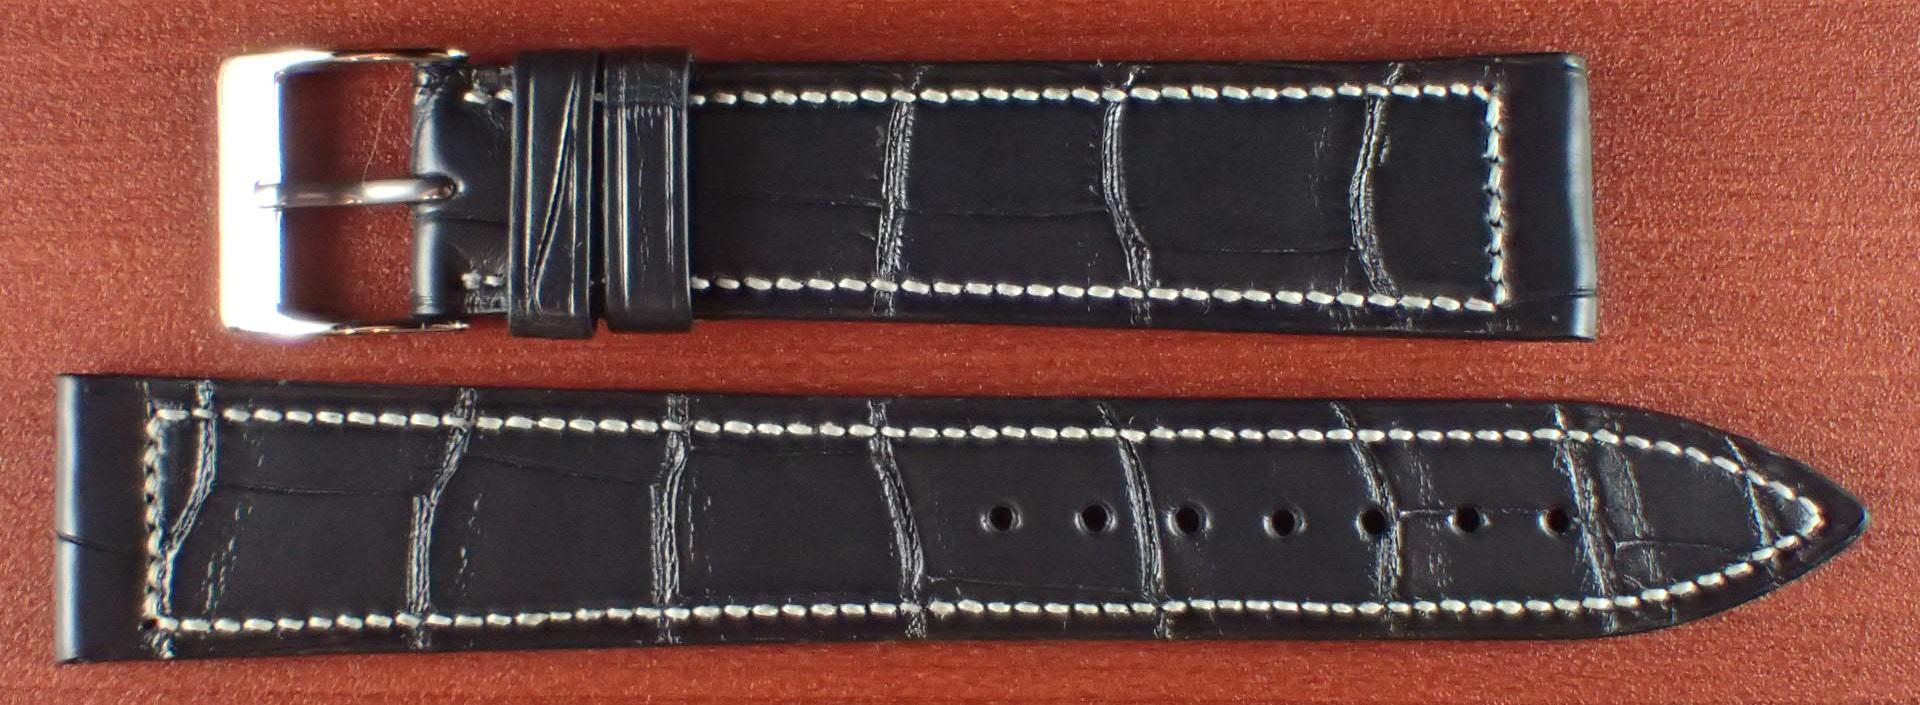 ジャン・クロード ペラン革ベルト クロコダイル ダークグレー 18mm